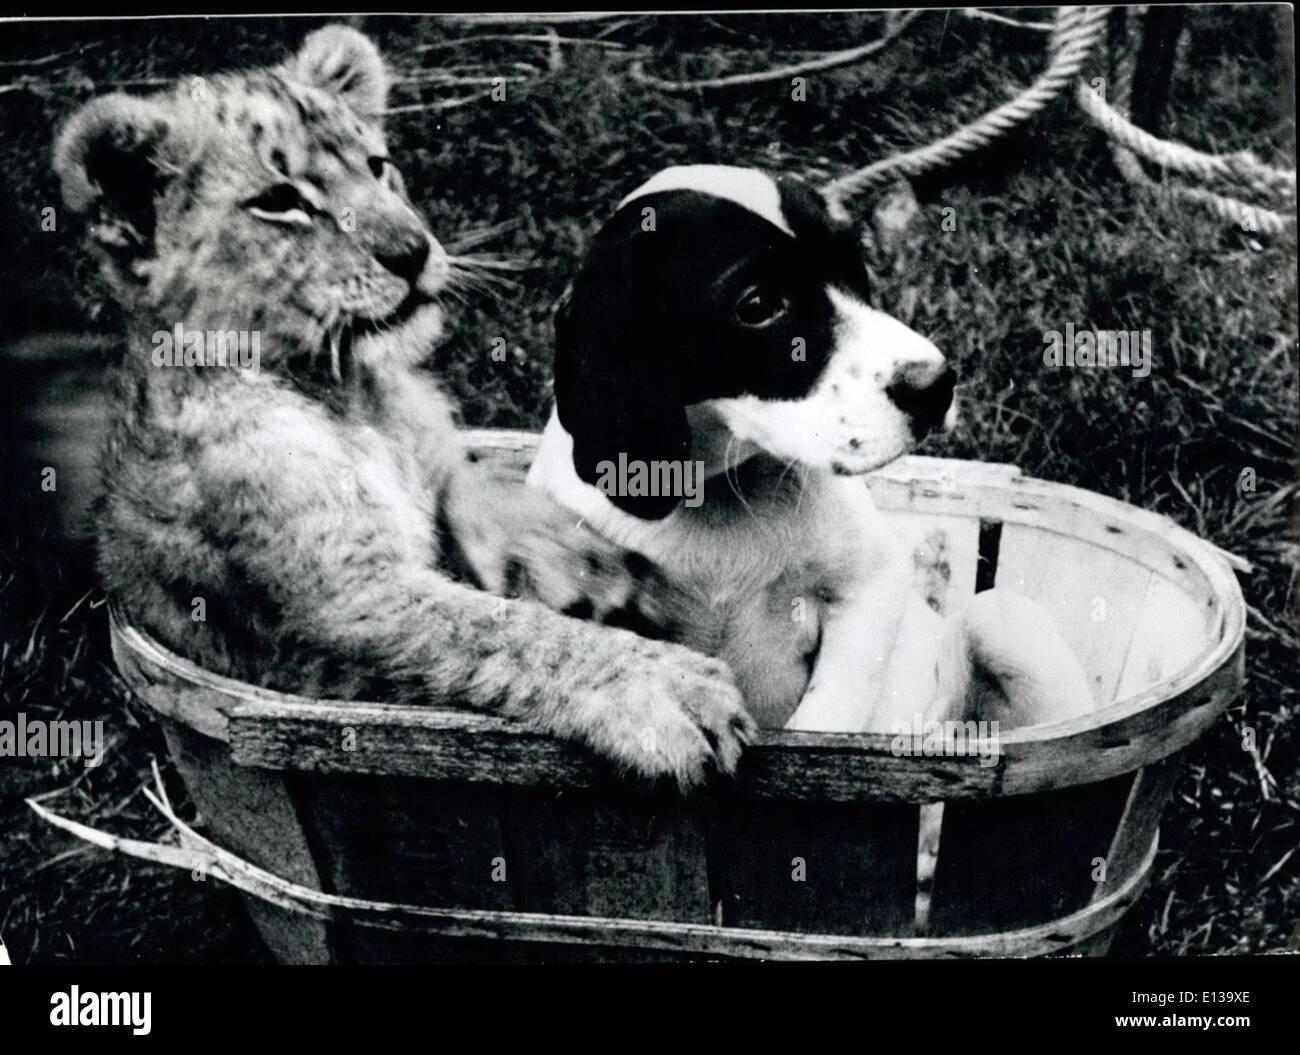 Febrero 29, 2012 - Trance acompañantes: Los mejores amigos, aunque parece difícil elieve son estos dos jóvenes, el blanco y el negro cachorro y él tiger cub. Ellos juegan juntos, tienen sus comidas juntos ud han hecho desde su nacimiento. Por supuesto, las cosas podrían ser diferentes uando el tigre crece. Imagen De Stock